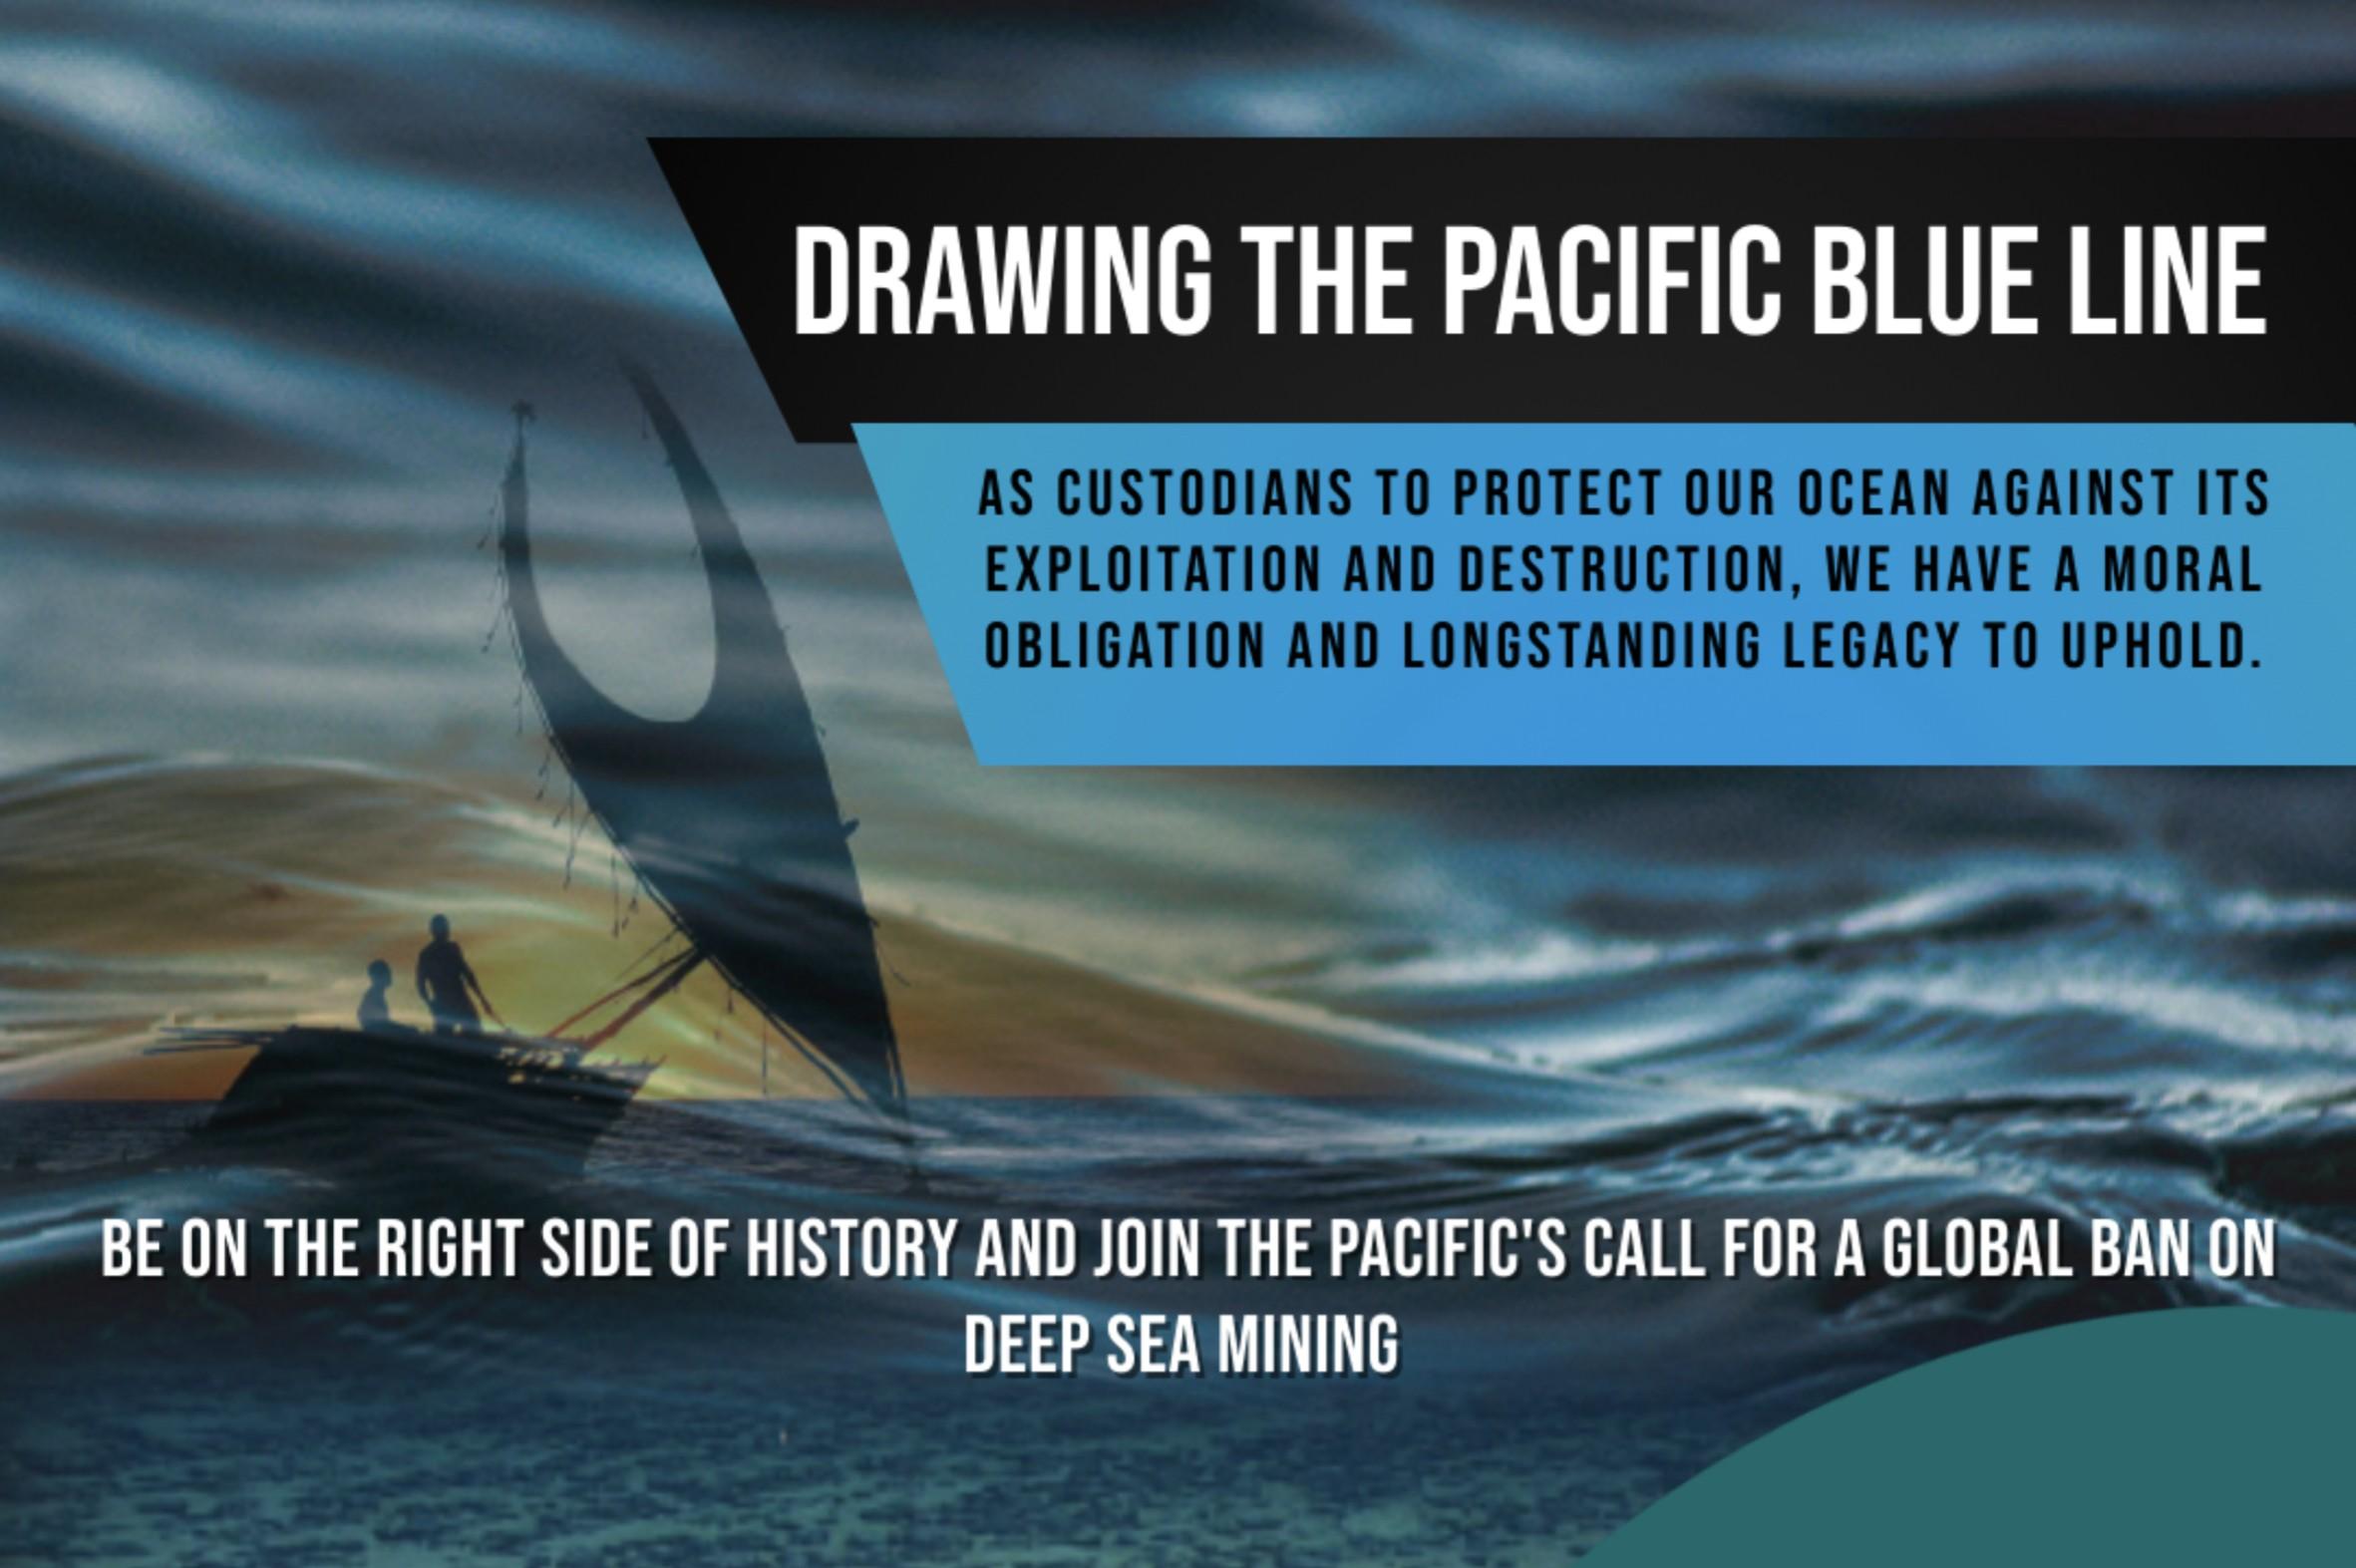 Pacific Blue Line